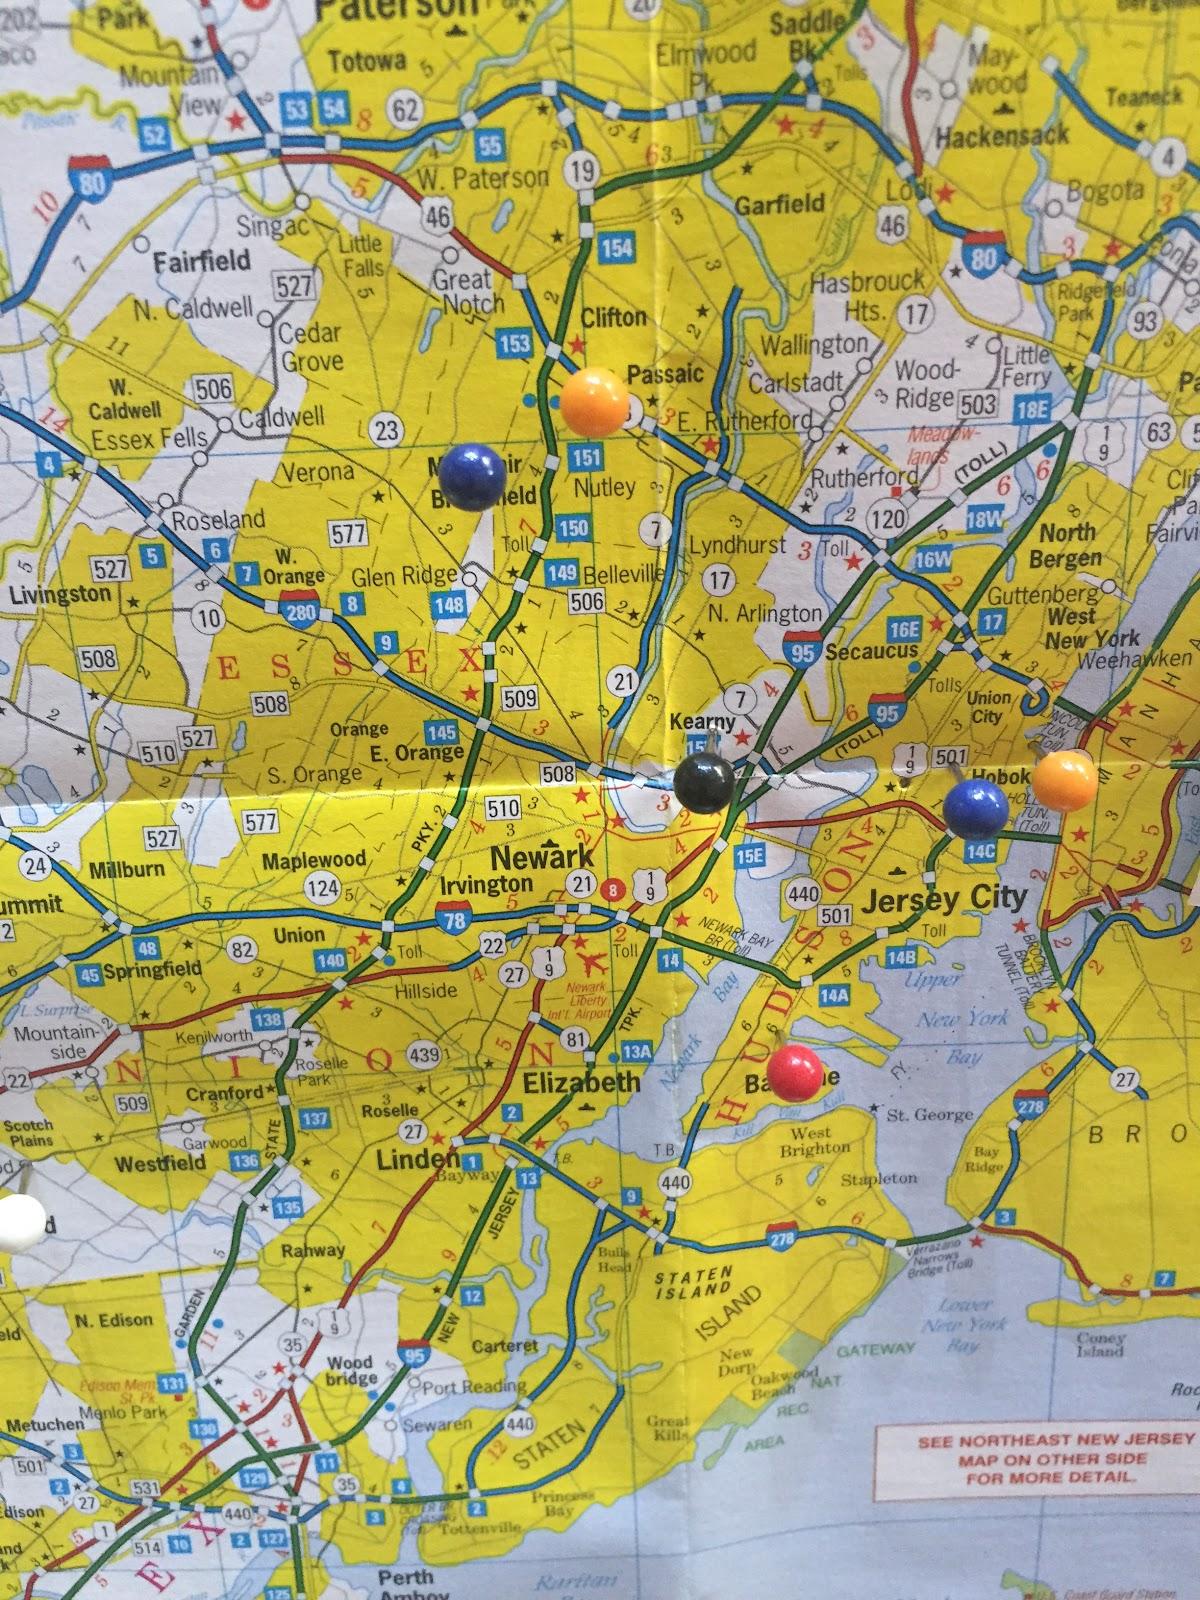 Map - NJ closeup - Sept 10 2015